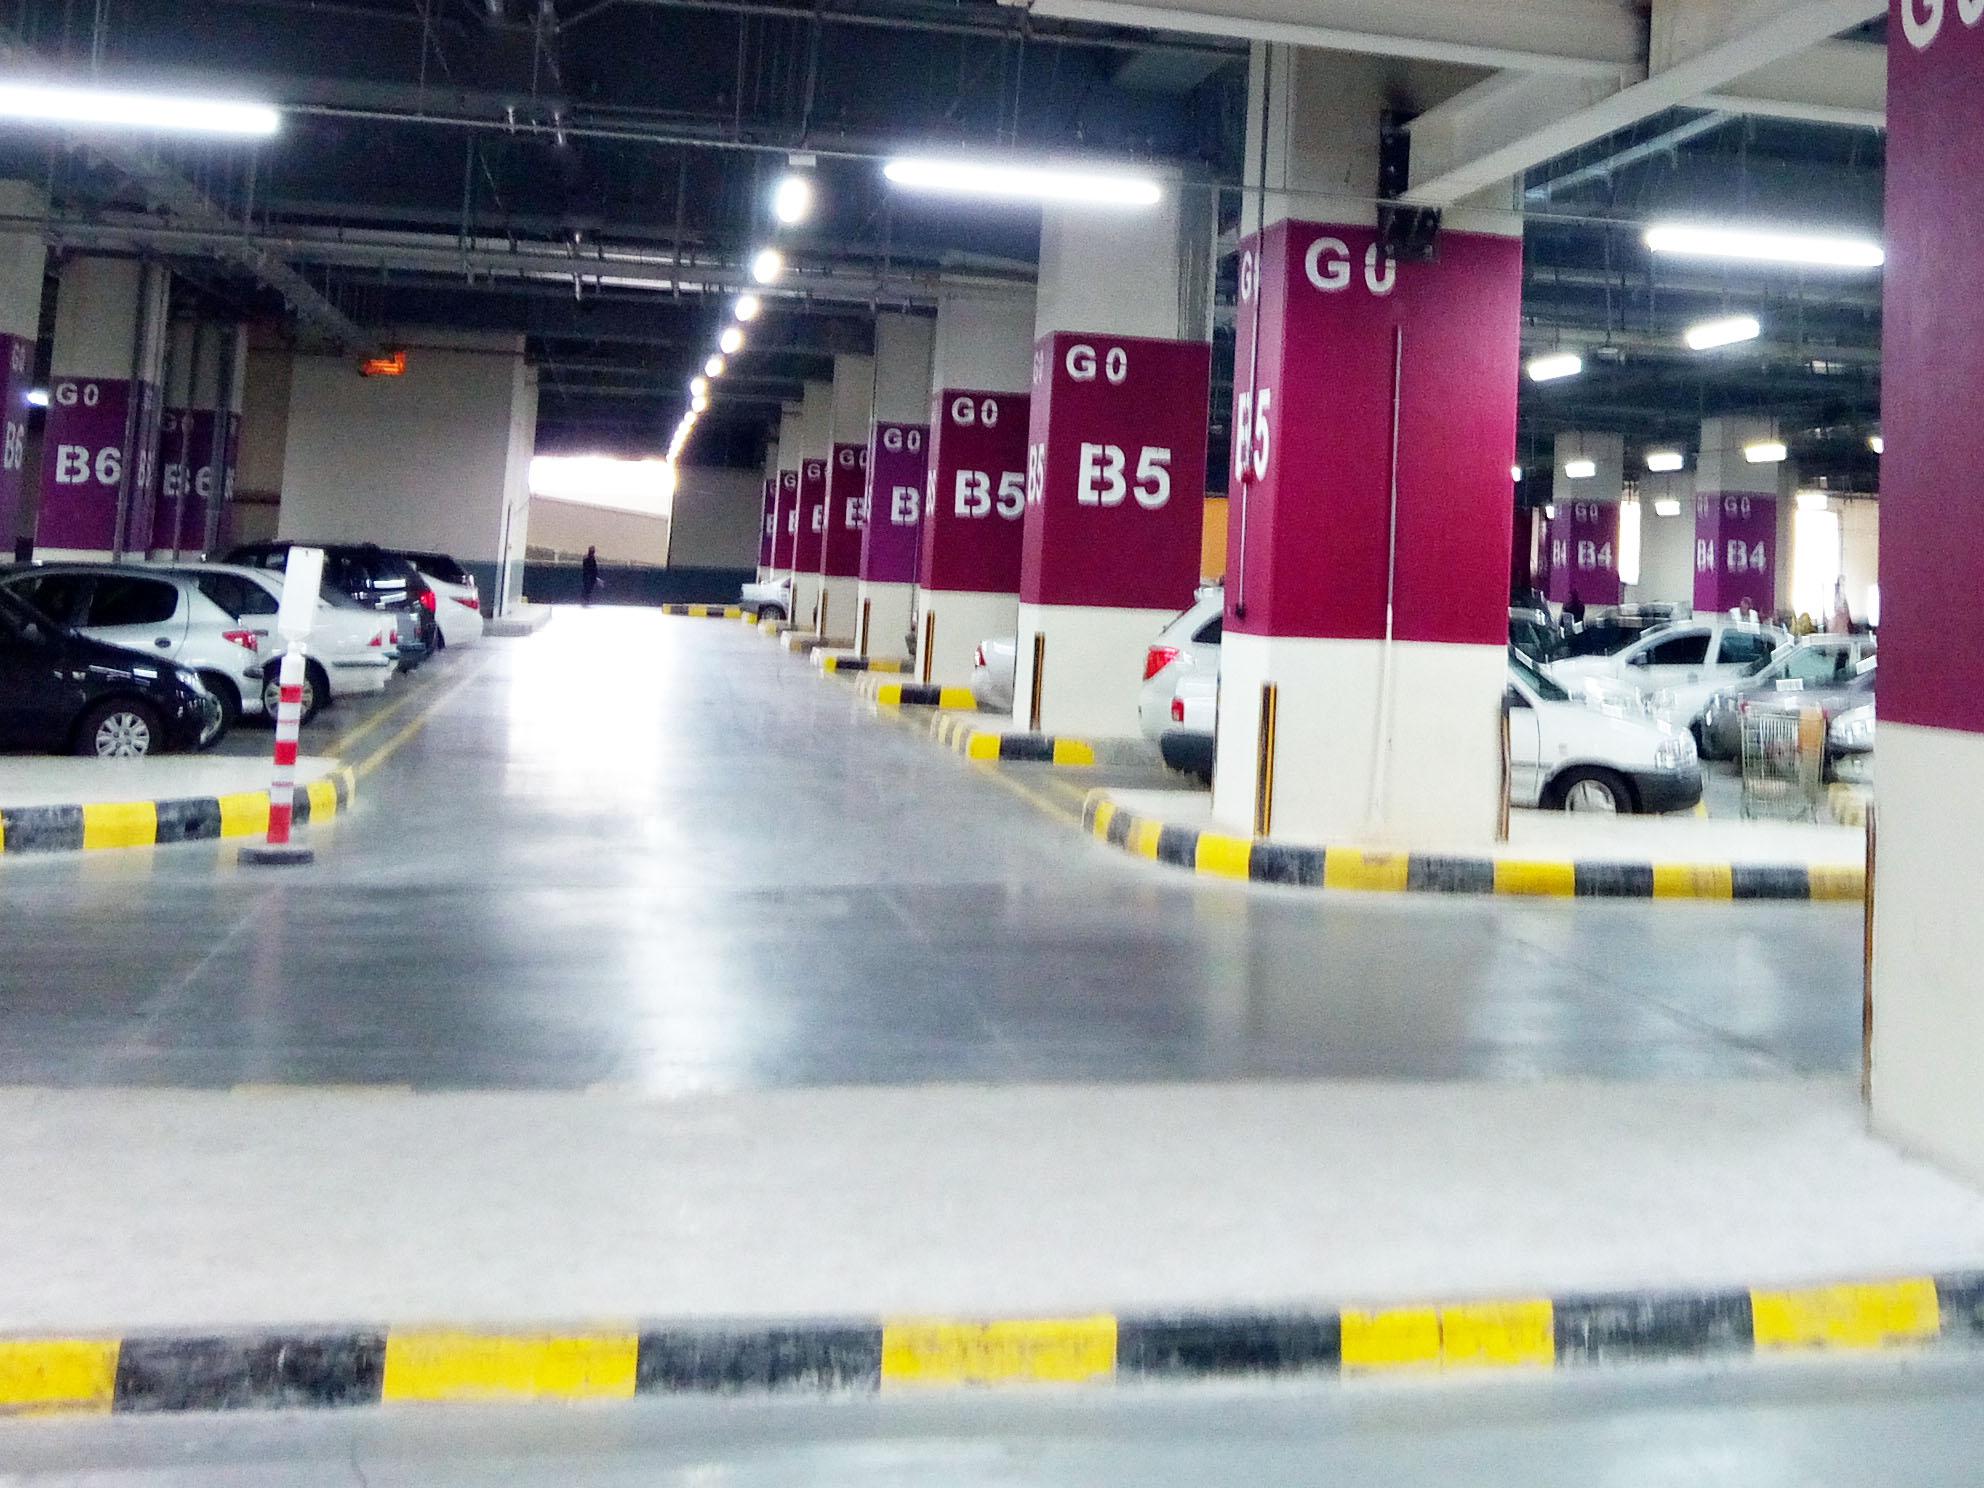 پارکینگ بازار بزرگ ایران (ایران مال)